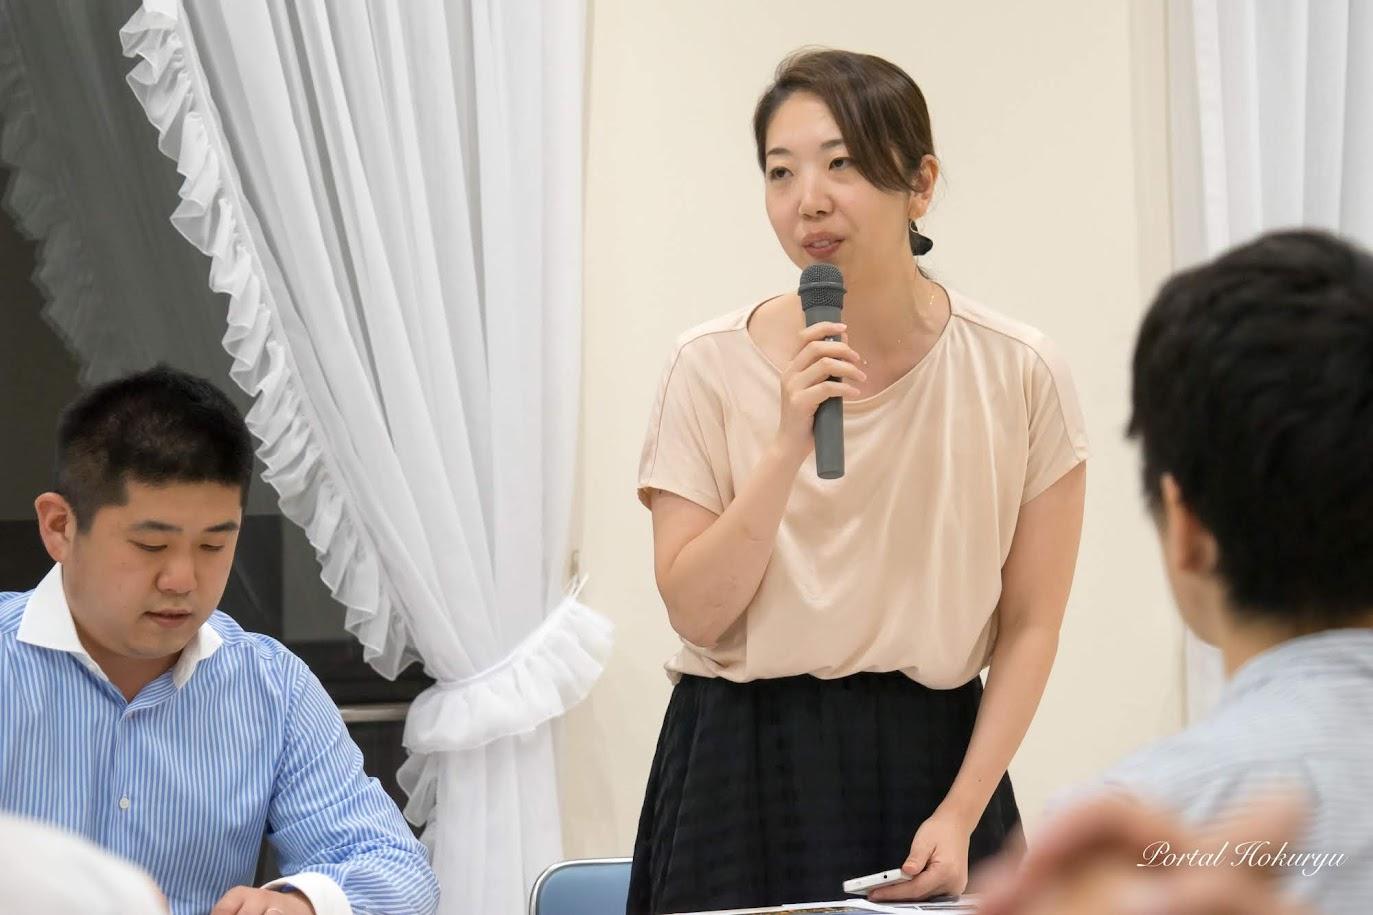 レオス・キャピタルワークス(株)マーケティング広報部社長秘書・坂崎絢子 氏